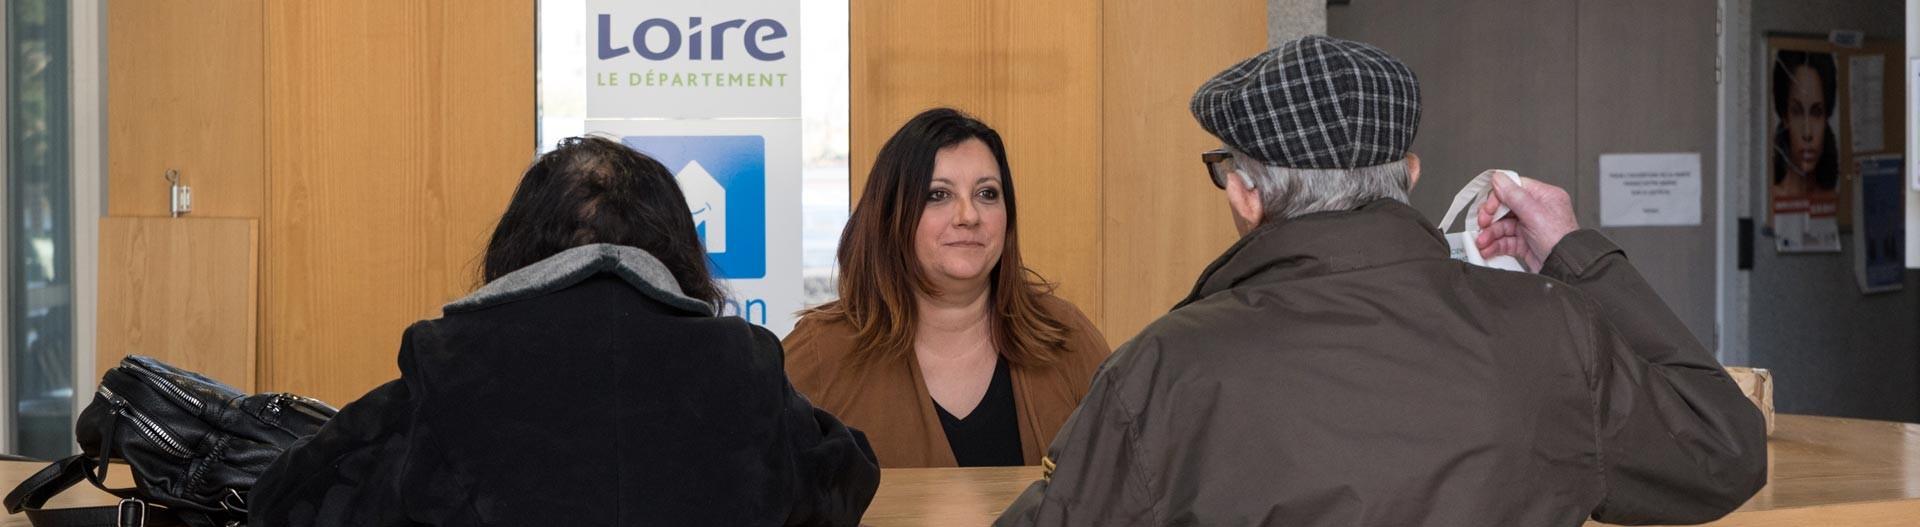 La Maison Loire Autonomie Handicap Mdph Departement De La Loire